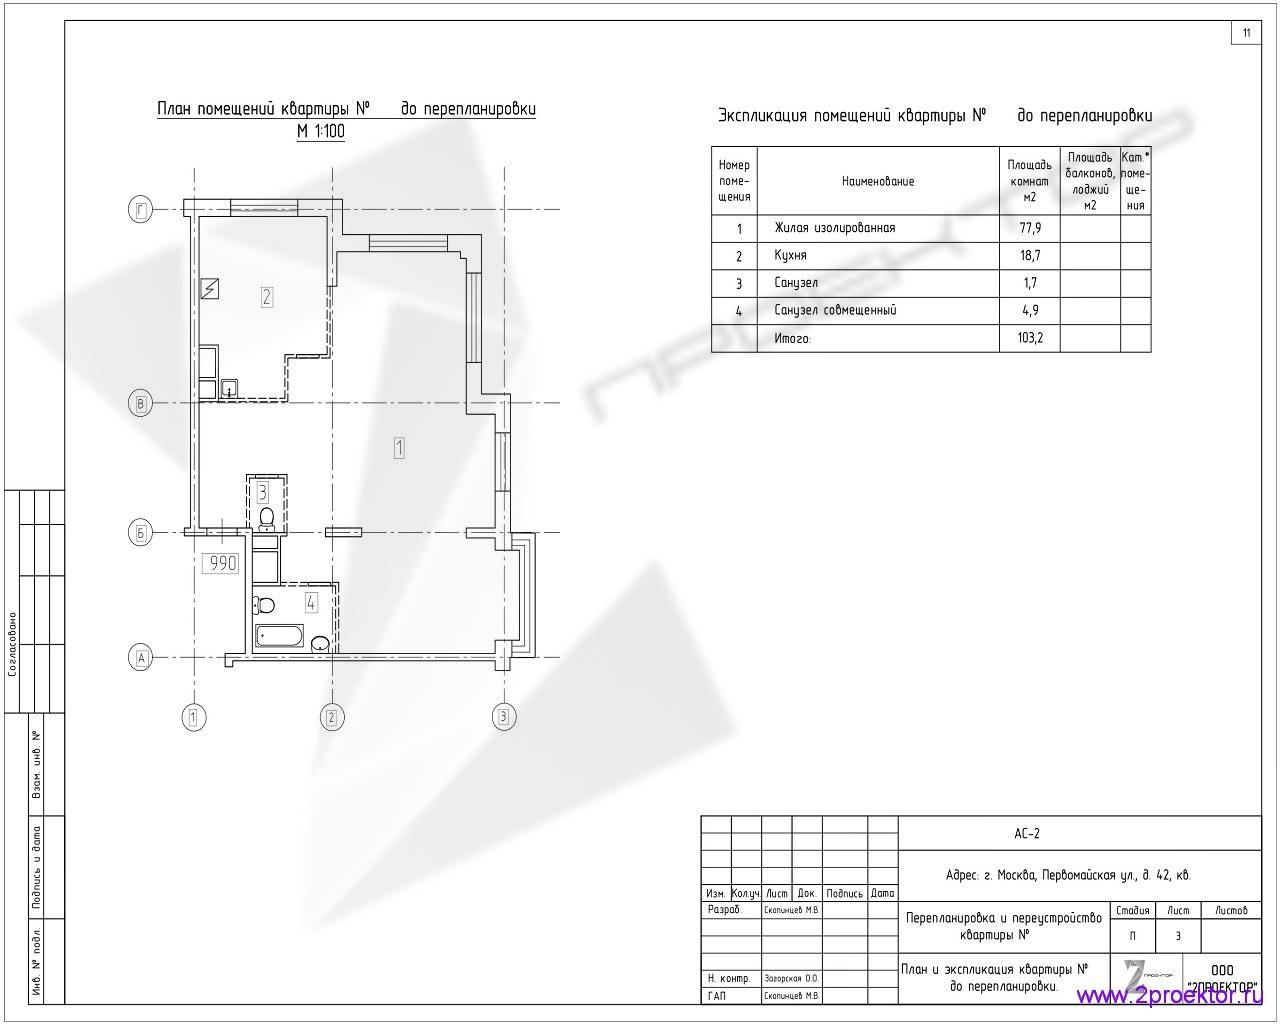 Типовой вариант планировки квартиры в Жилом комплексе Измайловский лес.